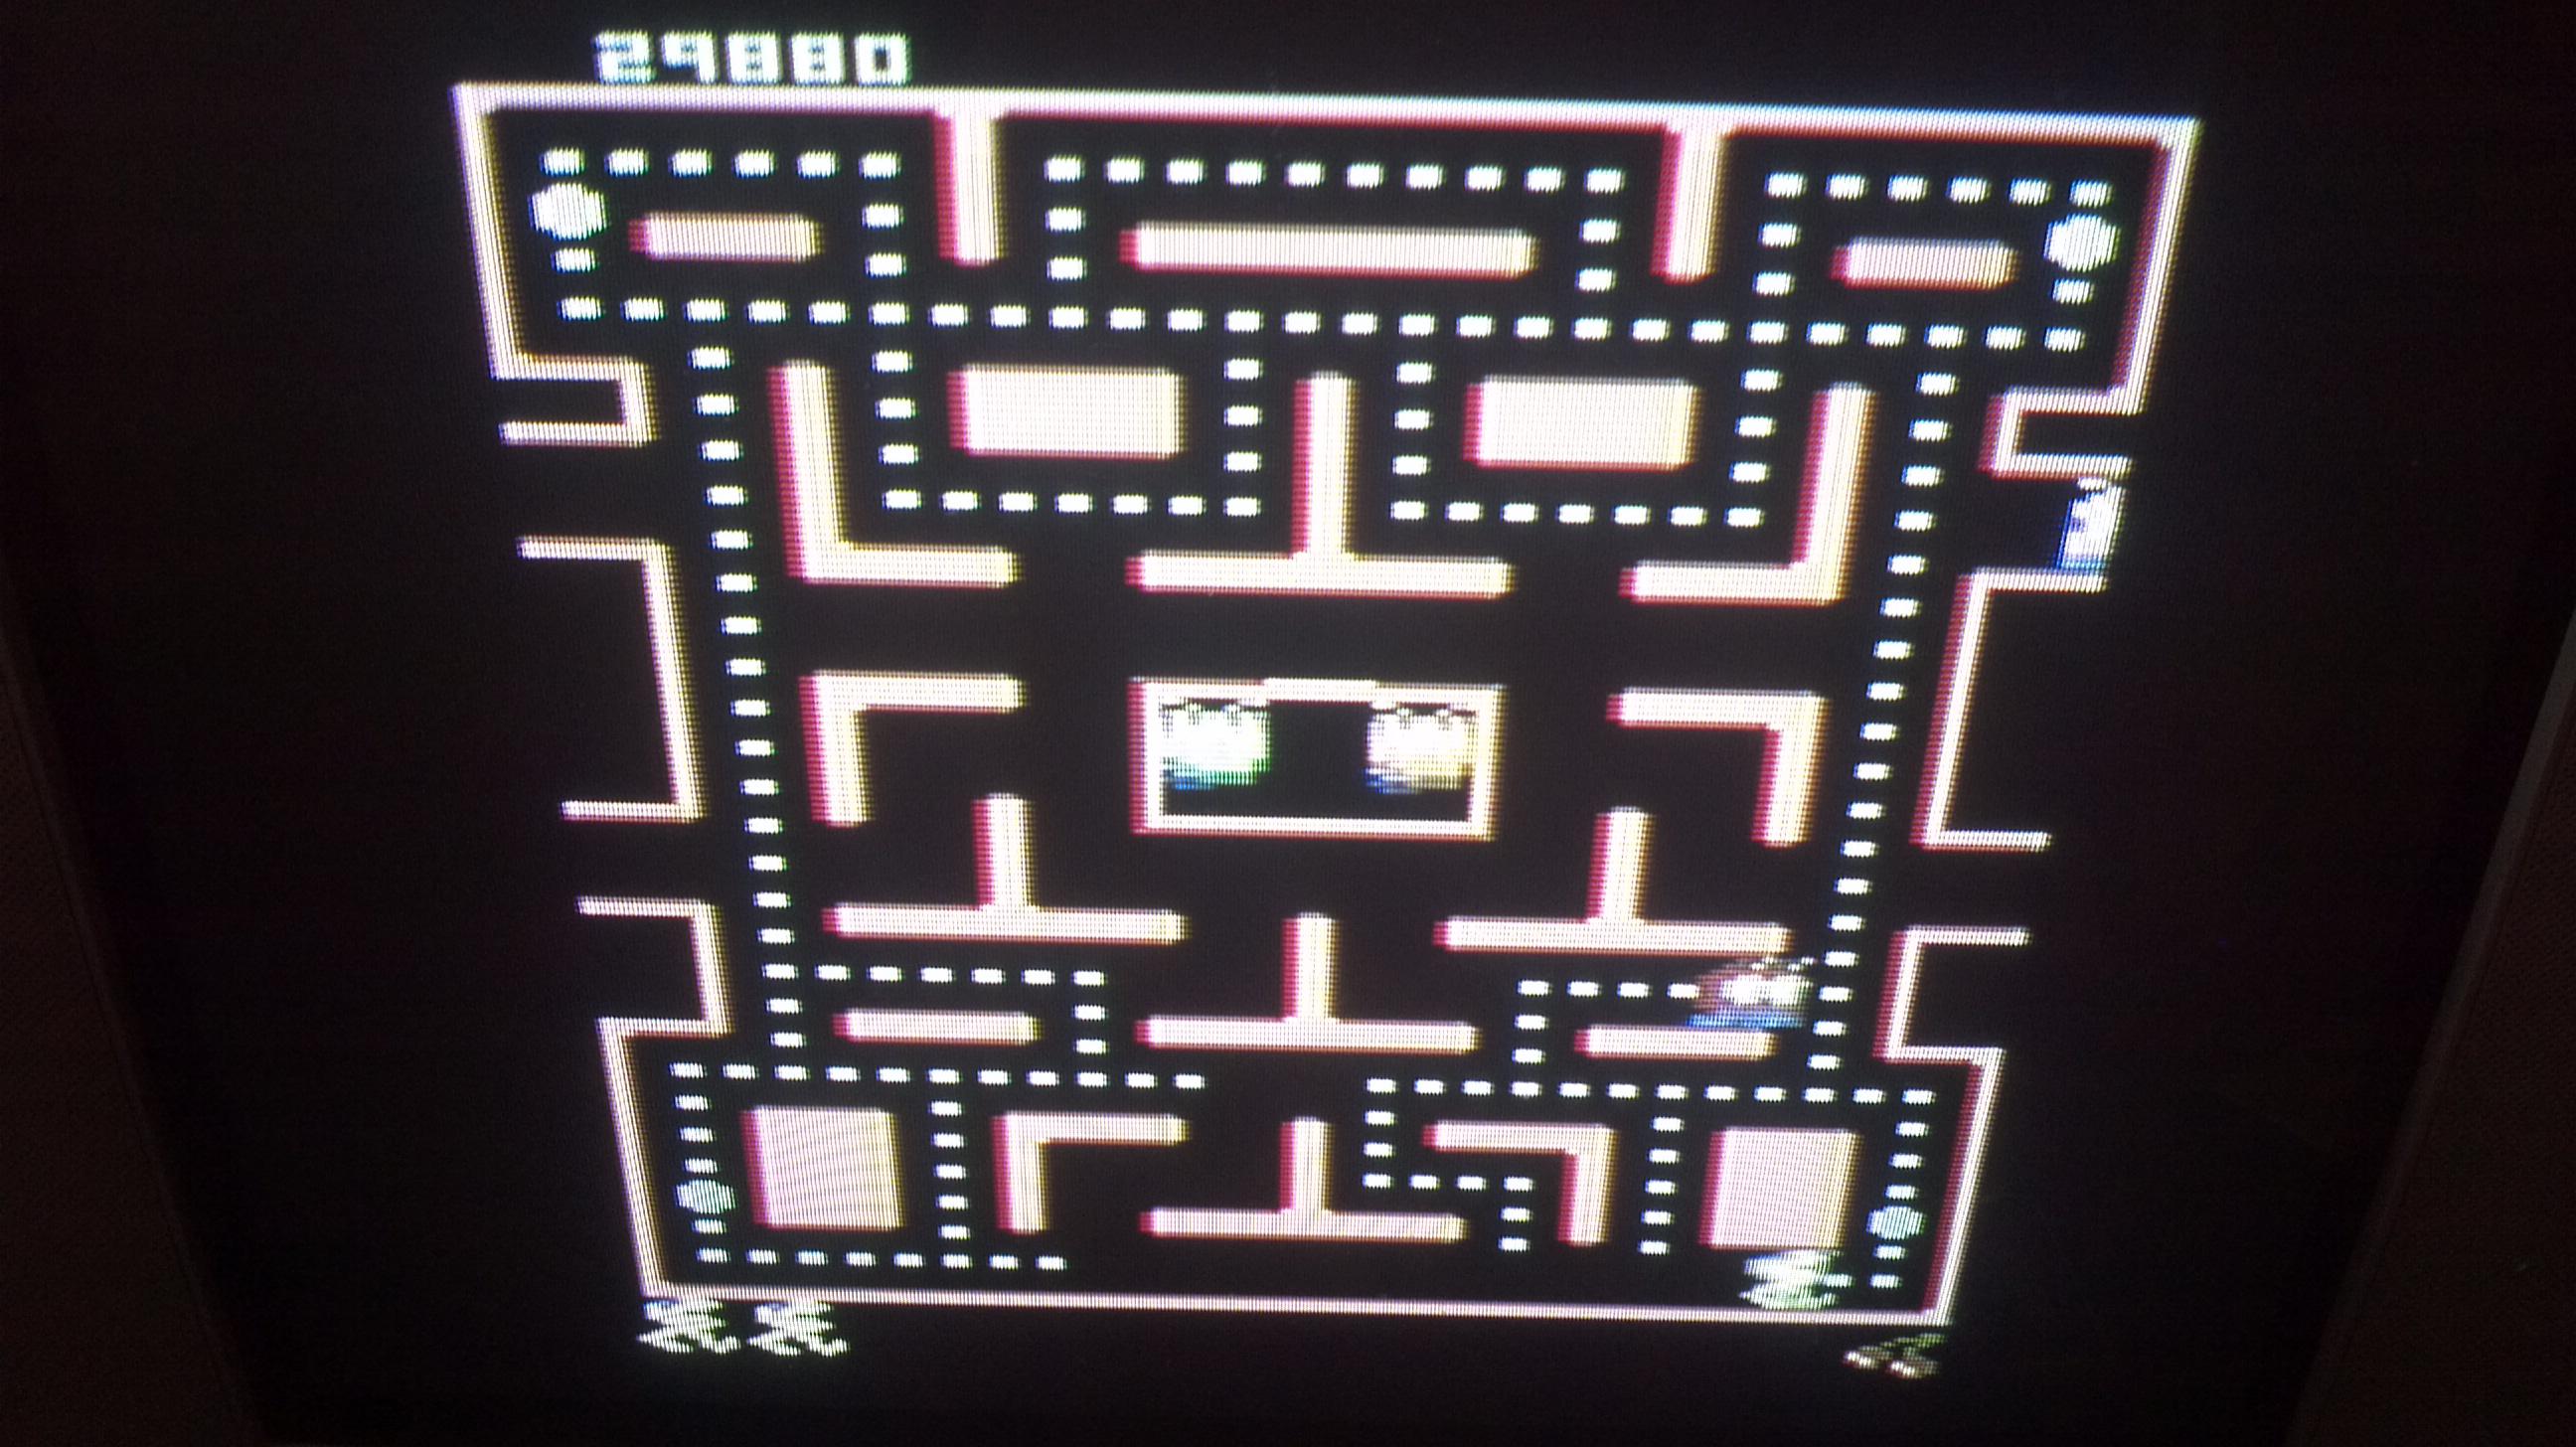 Liduario: Crazy Otto [Cherries Start] (Atari 7800) 29,880 points on 2014-05-01 09:24:45